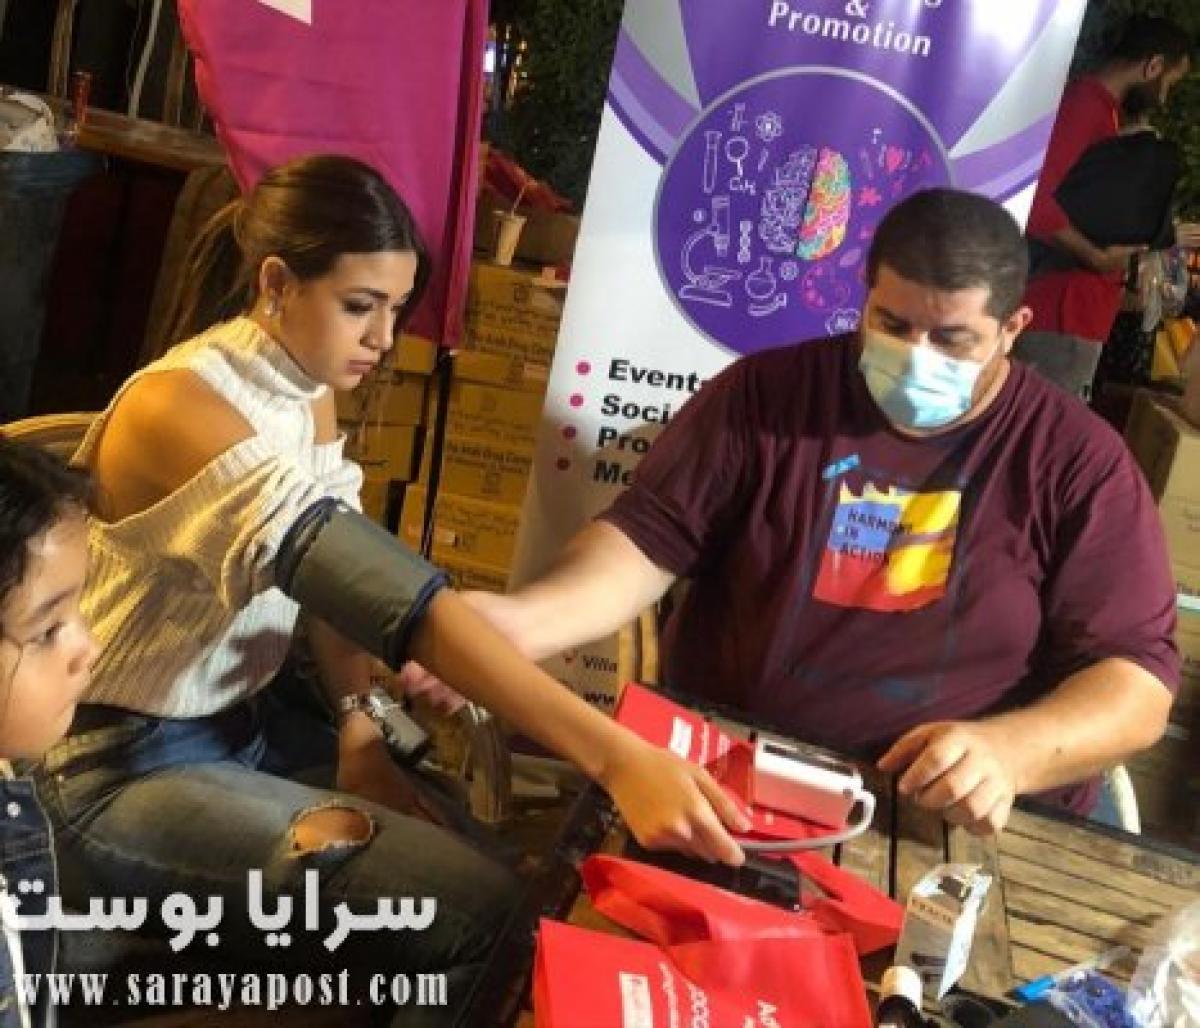 الشركة العربية للأدوية تطلق حملة توعية للمرأة بنادي الأهلى بحضور ملكة جمال مصر